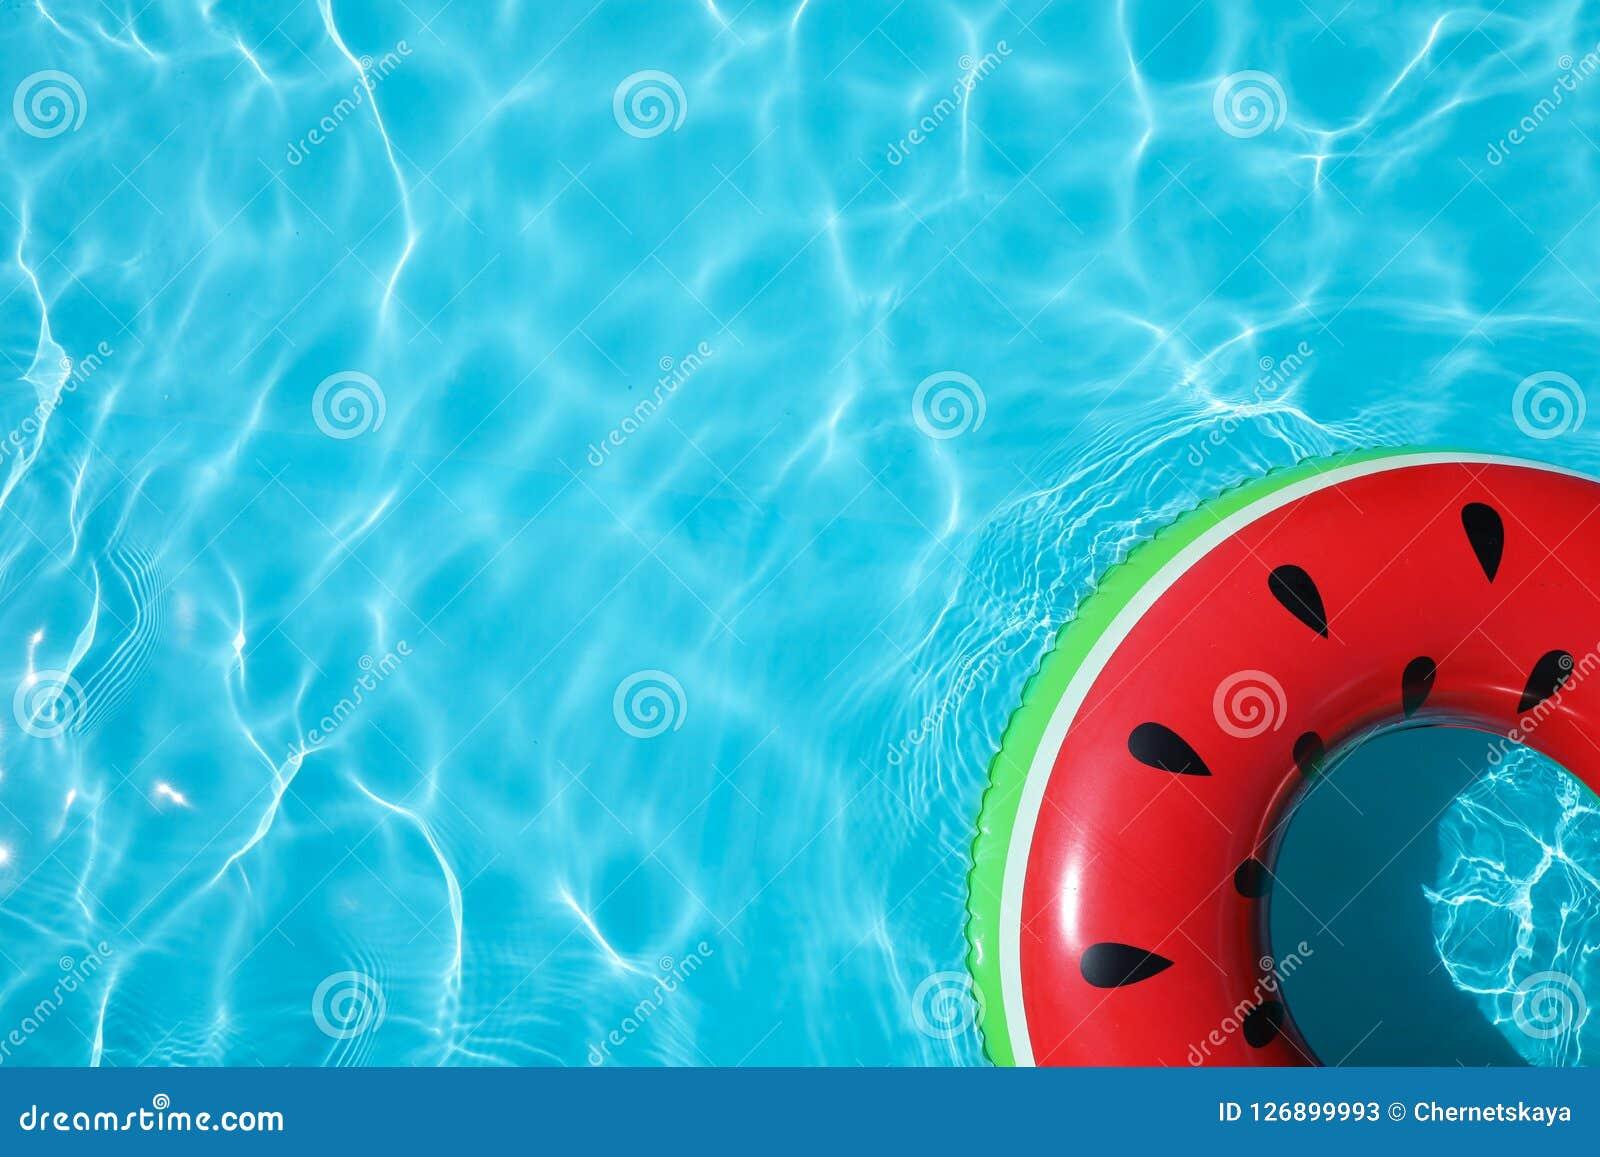 Opblaasbare ring die in zwembad op zonnige dag drijven